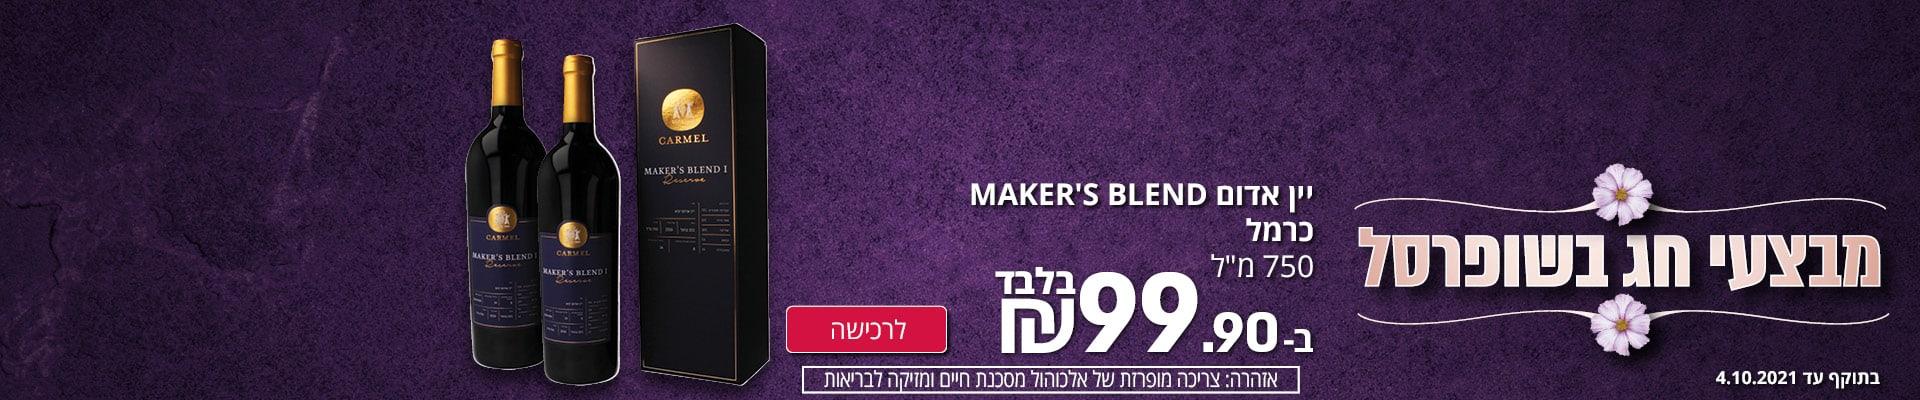 """מבצעי חג בשופרסל יין אדום MAKER'S BLEND כרמל 750 מ""""ל ב-99.90 ₪ ליחידה  לרכישה אזהרה: צריכה מופרזת של אלכוהול מסכנת חיים ומזיקה לבריאות! בתוקף עד 6.9.2021"""